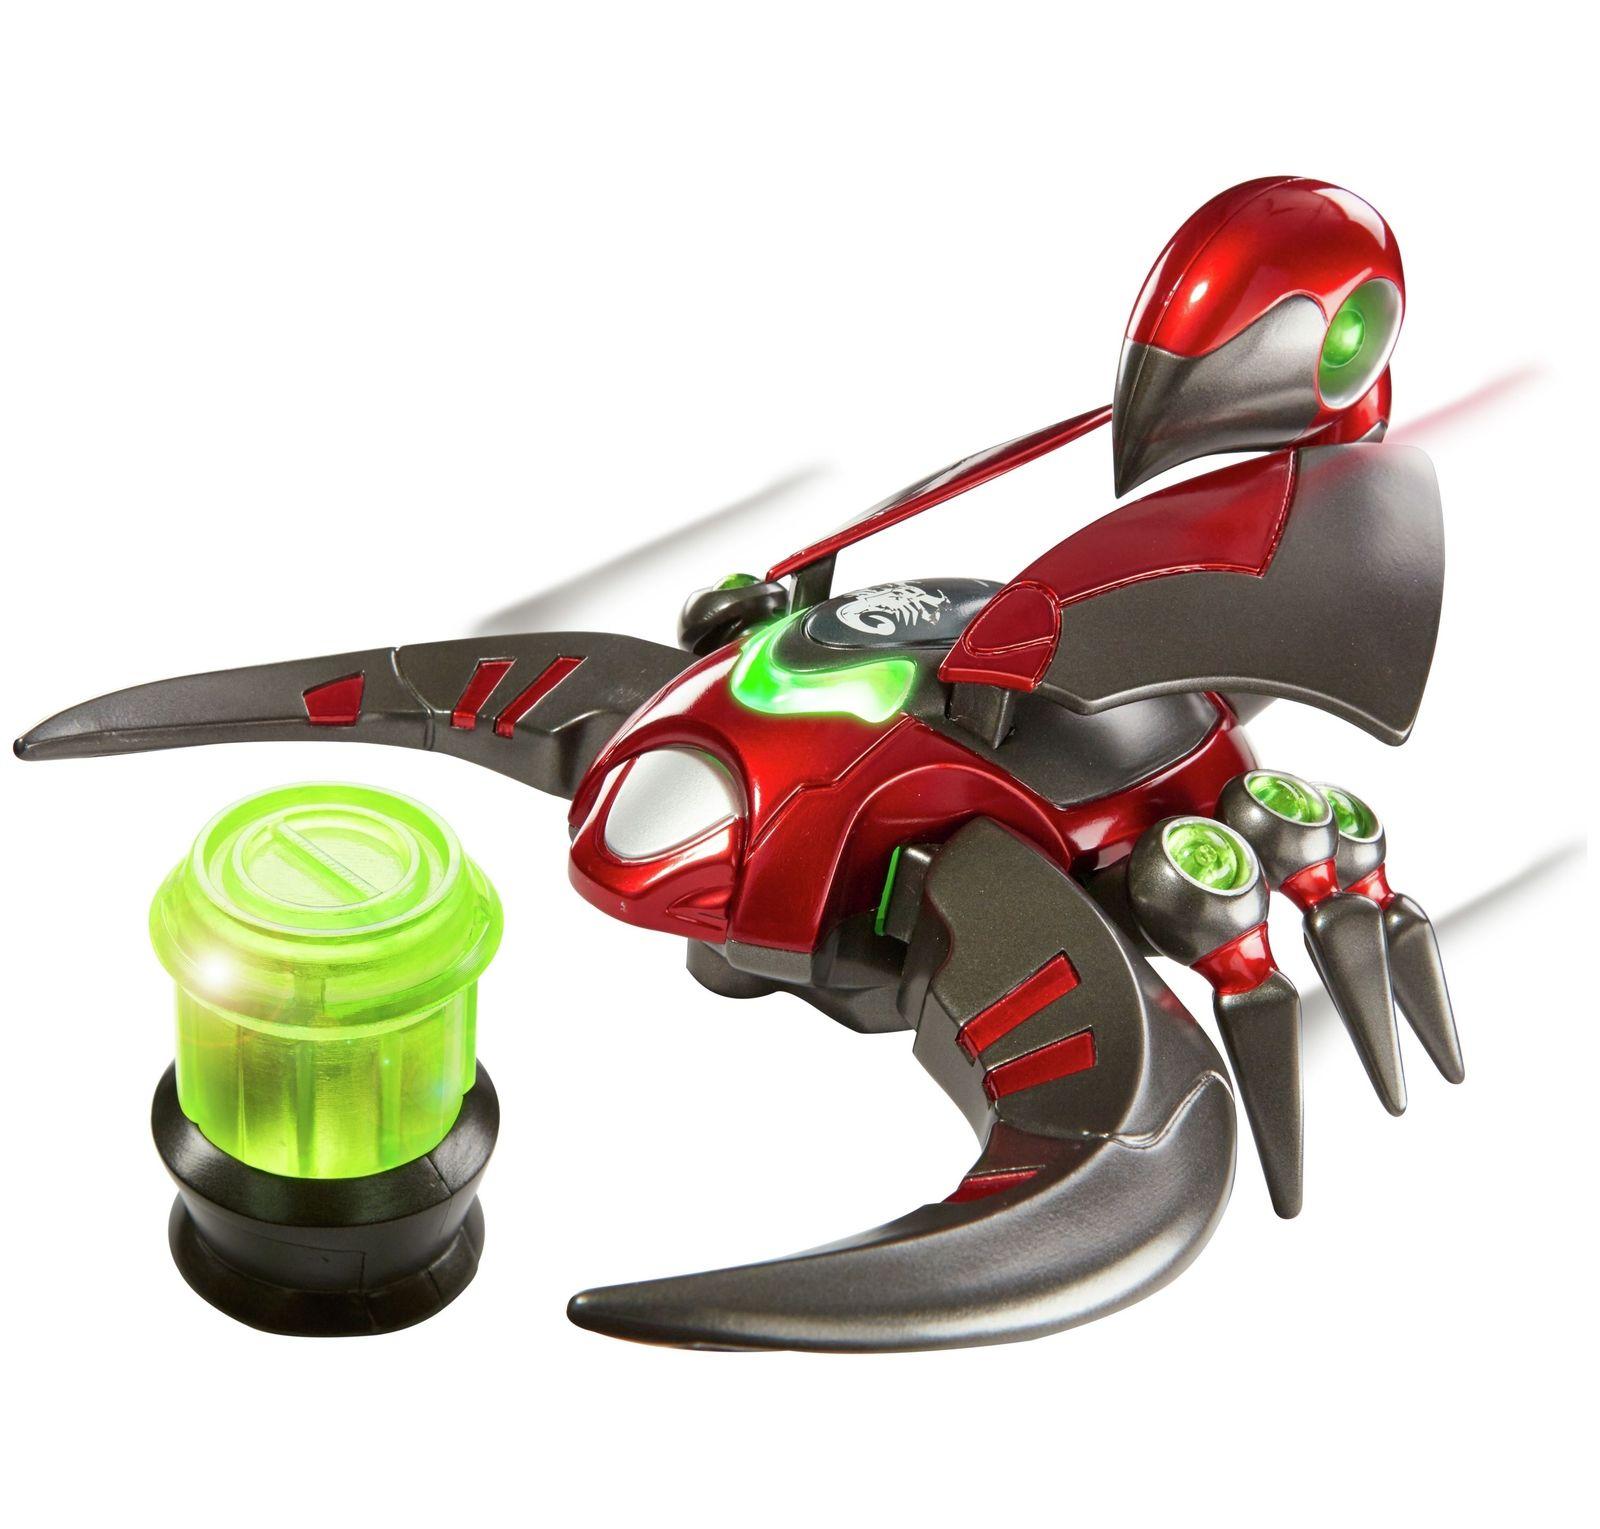 Teksta RC Scorpion - Red 12.99 Delivered @Argos Ebay